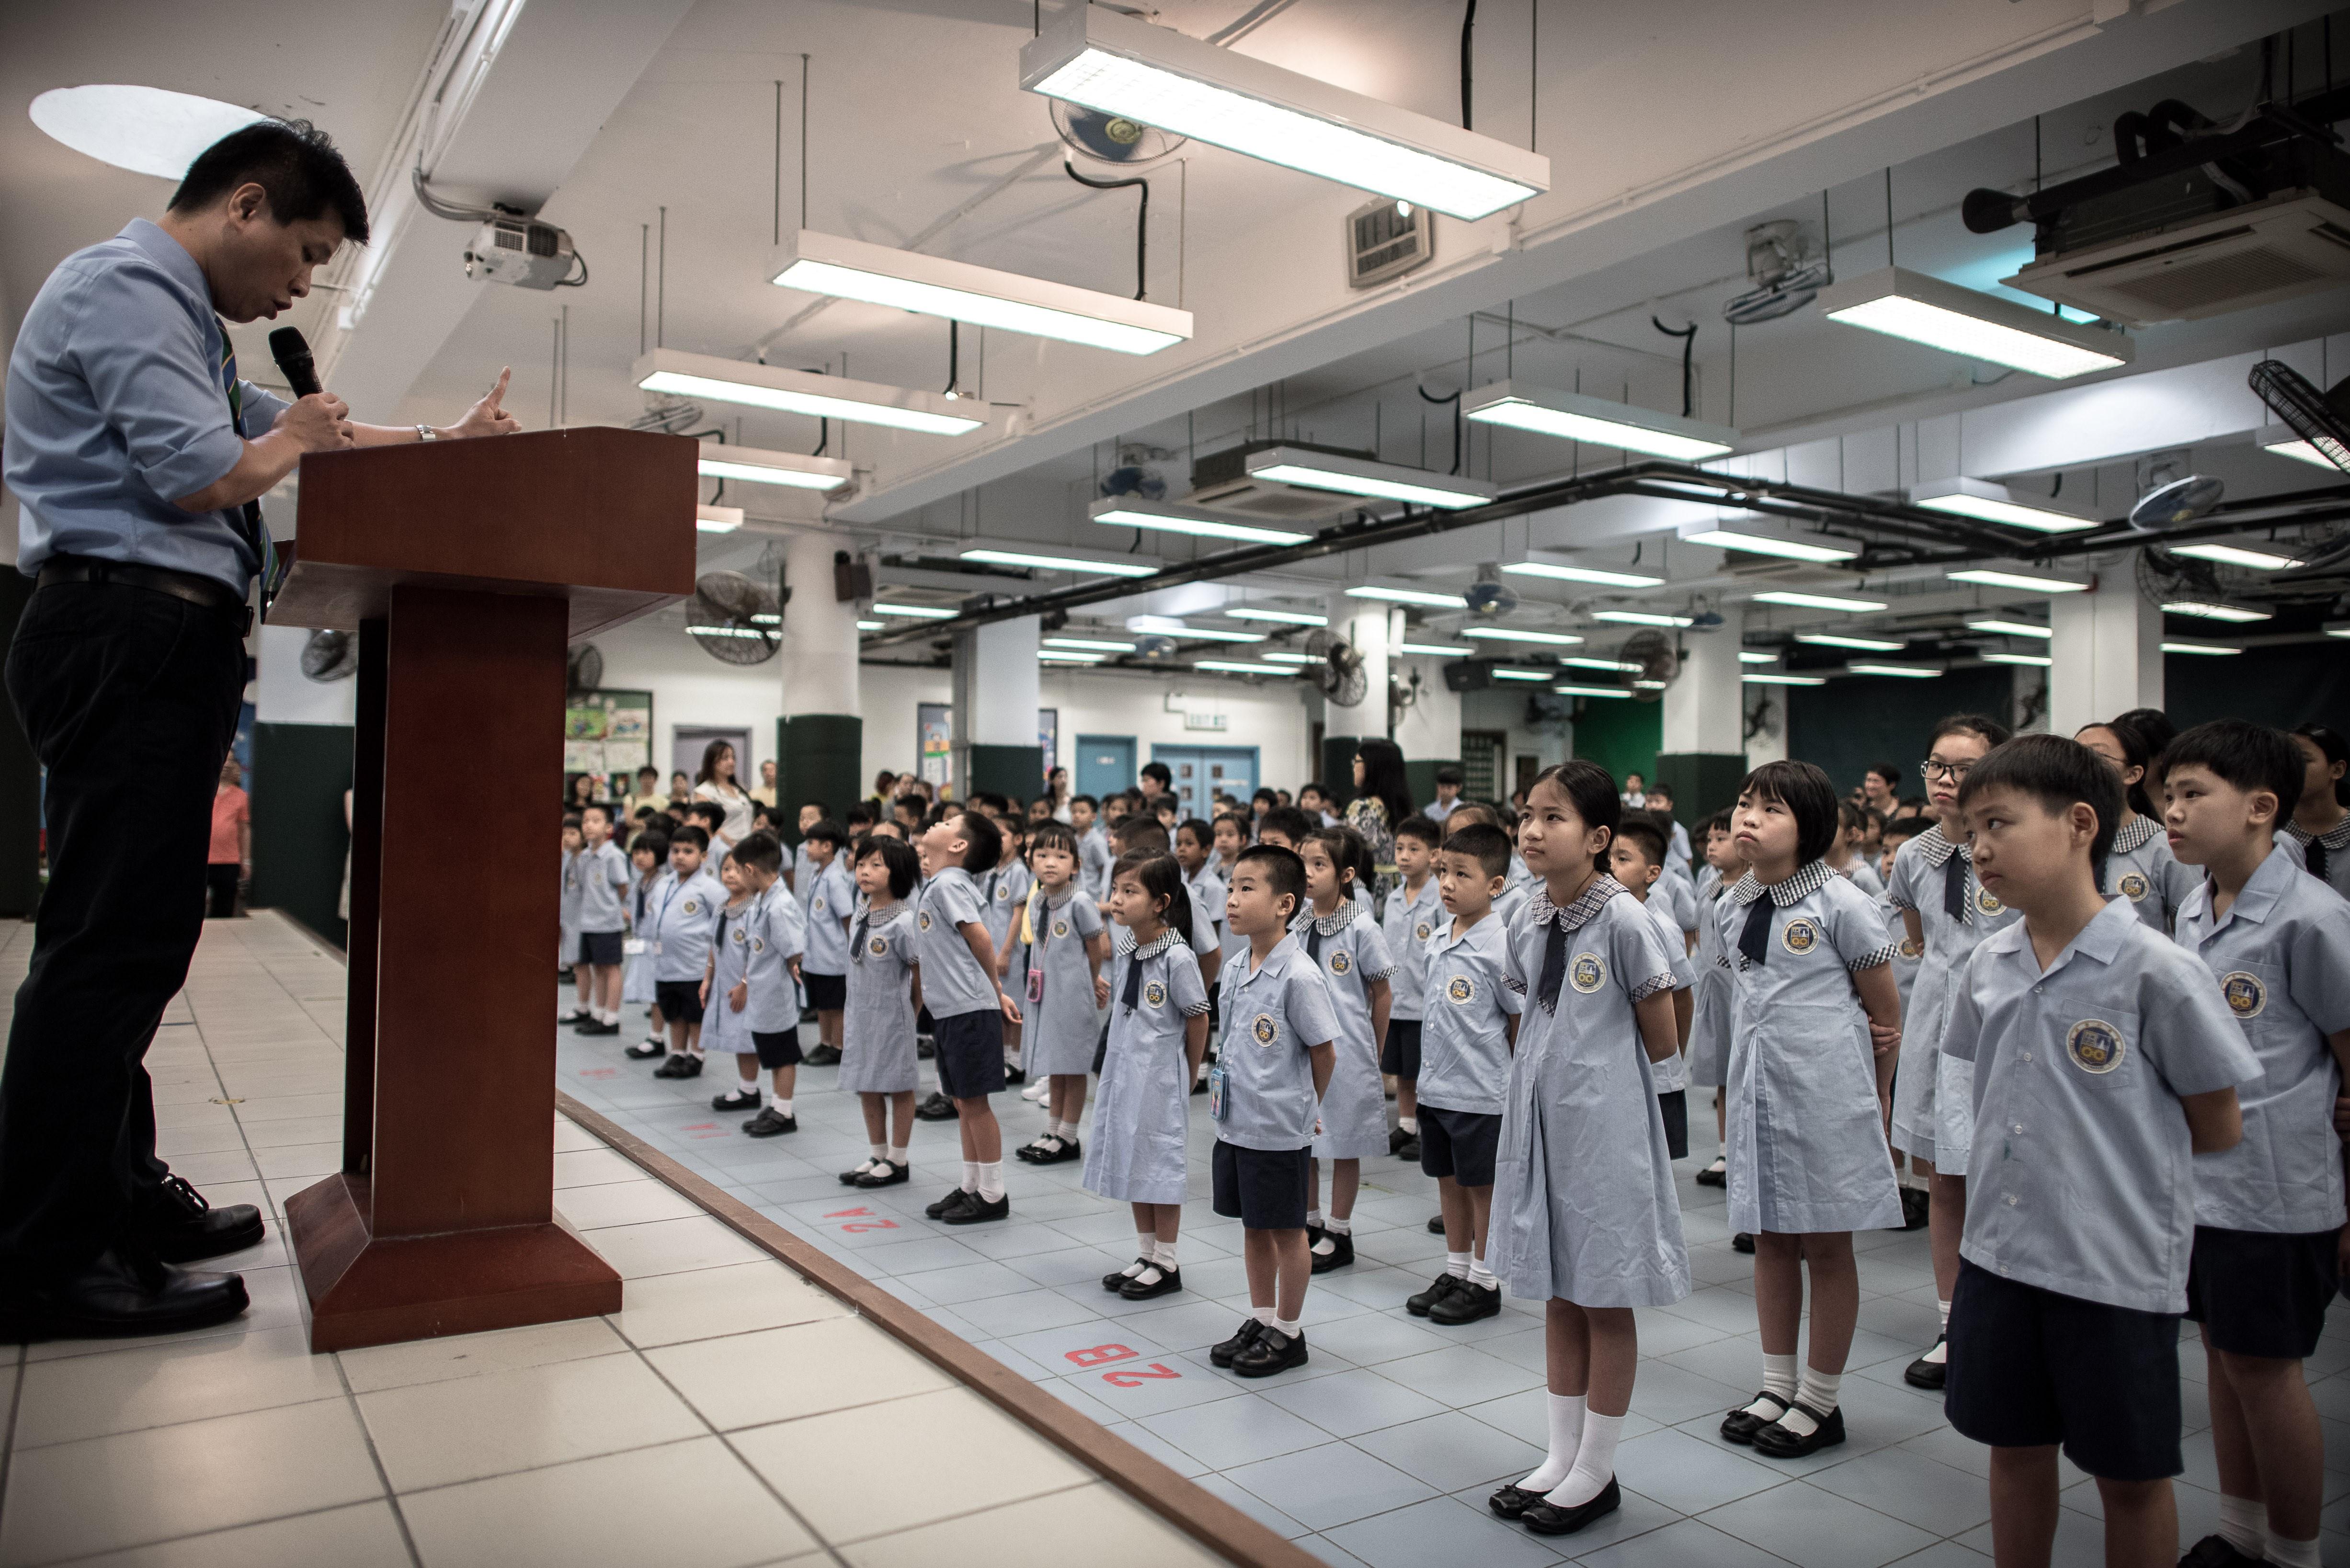 香港教育局包攬教師培訓內容 引業界反彈